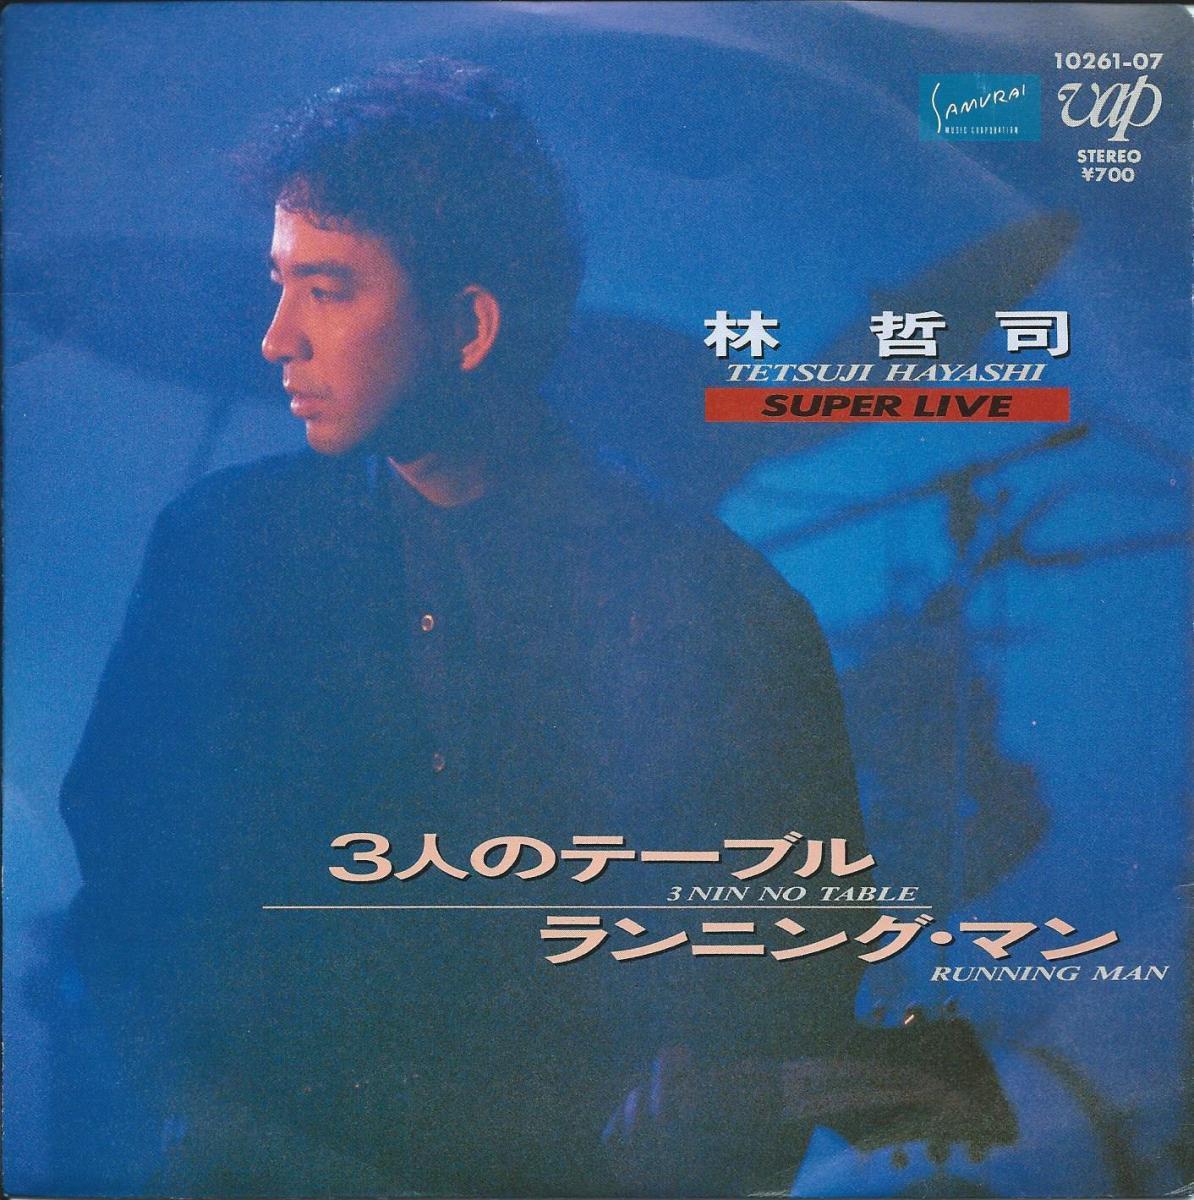 林哲司 スーパー・ライヴ TETSUJI HAYASHI SUPER LIVE / 3人のテーブル 3 NIN NO TABEL (7